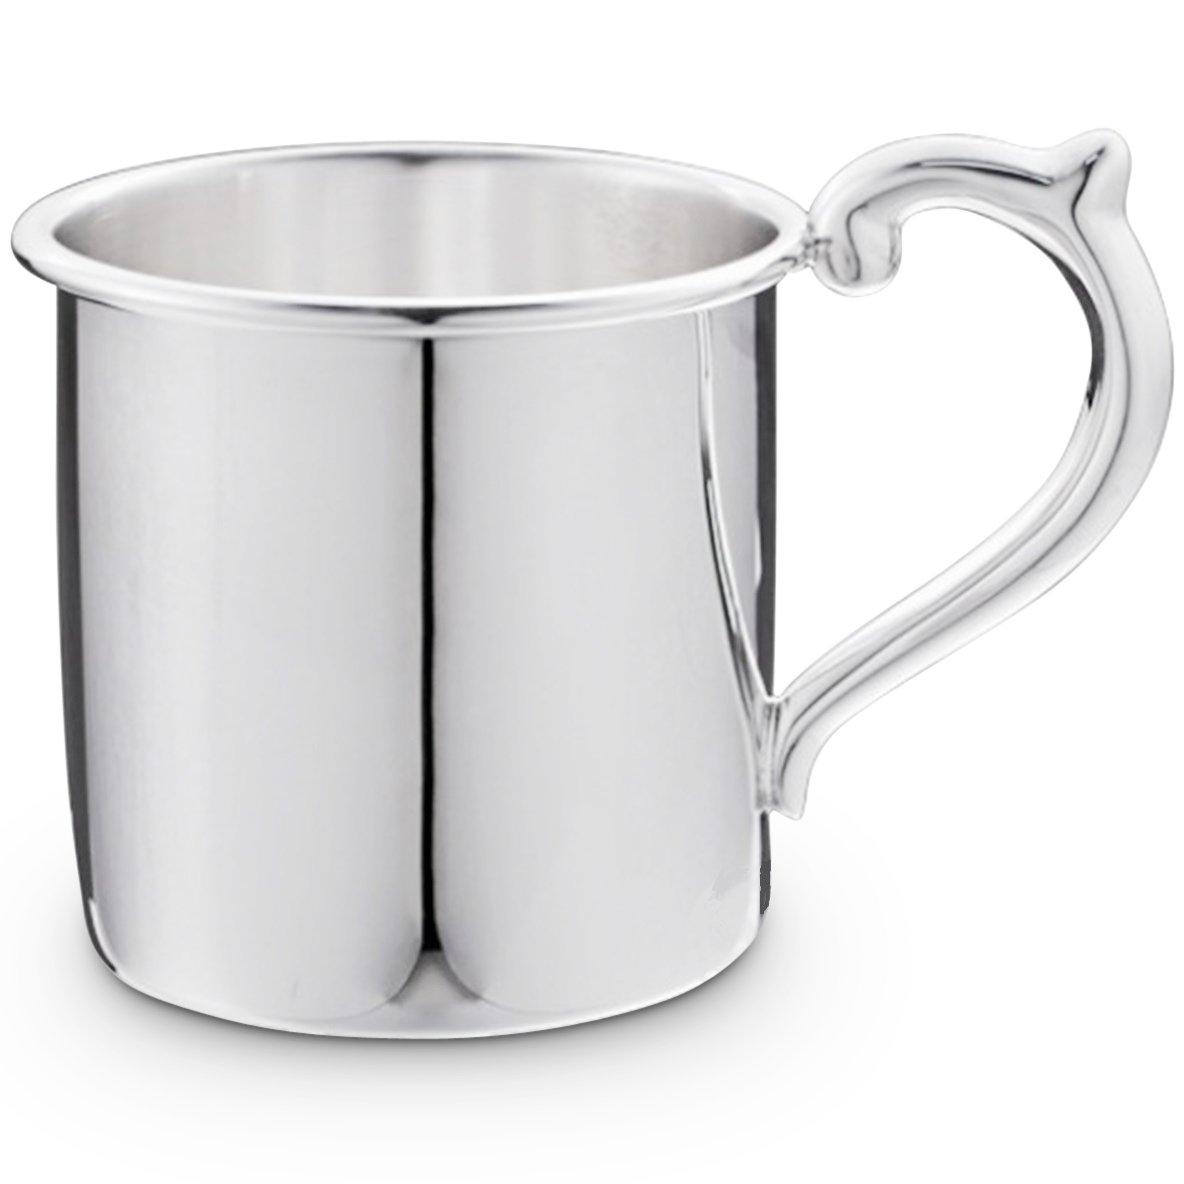 最高の品質の Cunill Cunill 3.5-ounceプレーン赤ちゃんカップ B00K6E7LRA、2.12-inch、スターリングシルバー B00K6E7LRA, 【楽ギフ_のし宛書】:bb6d92b6 --- a0267596.xsph.ru